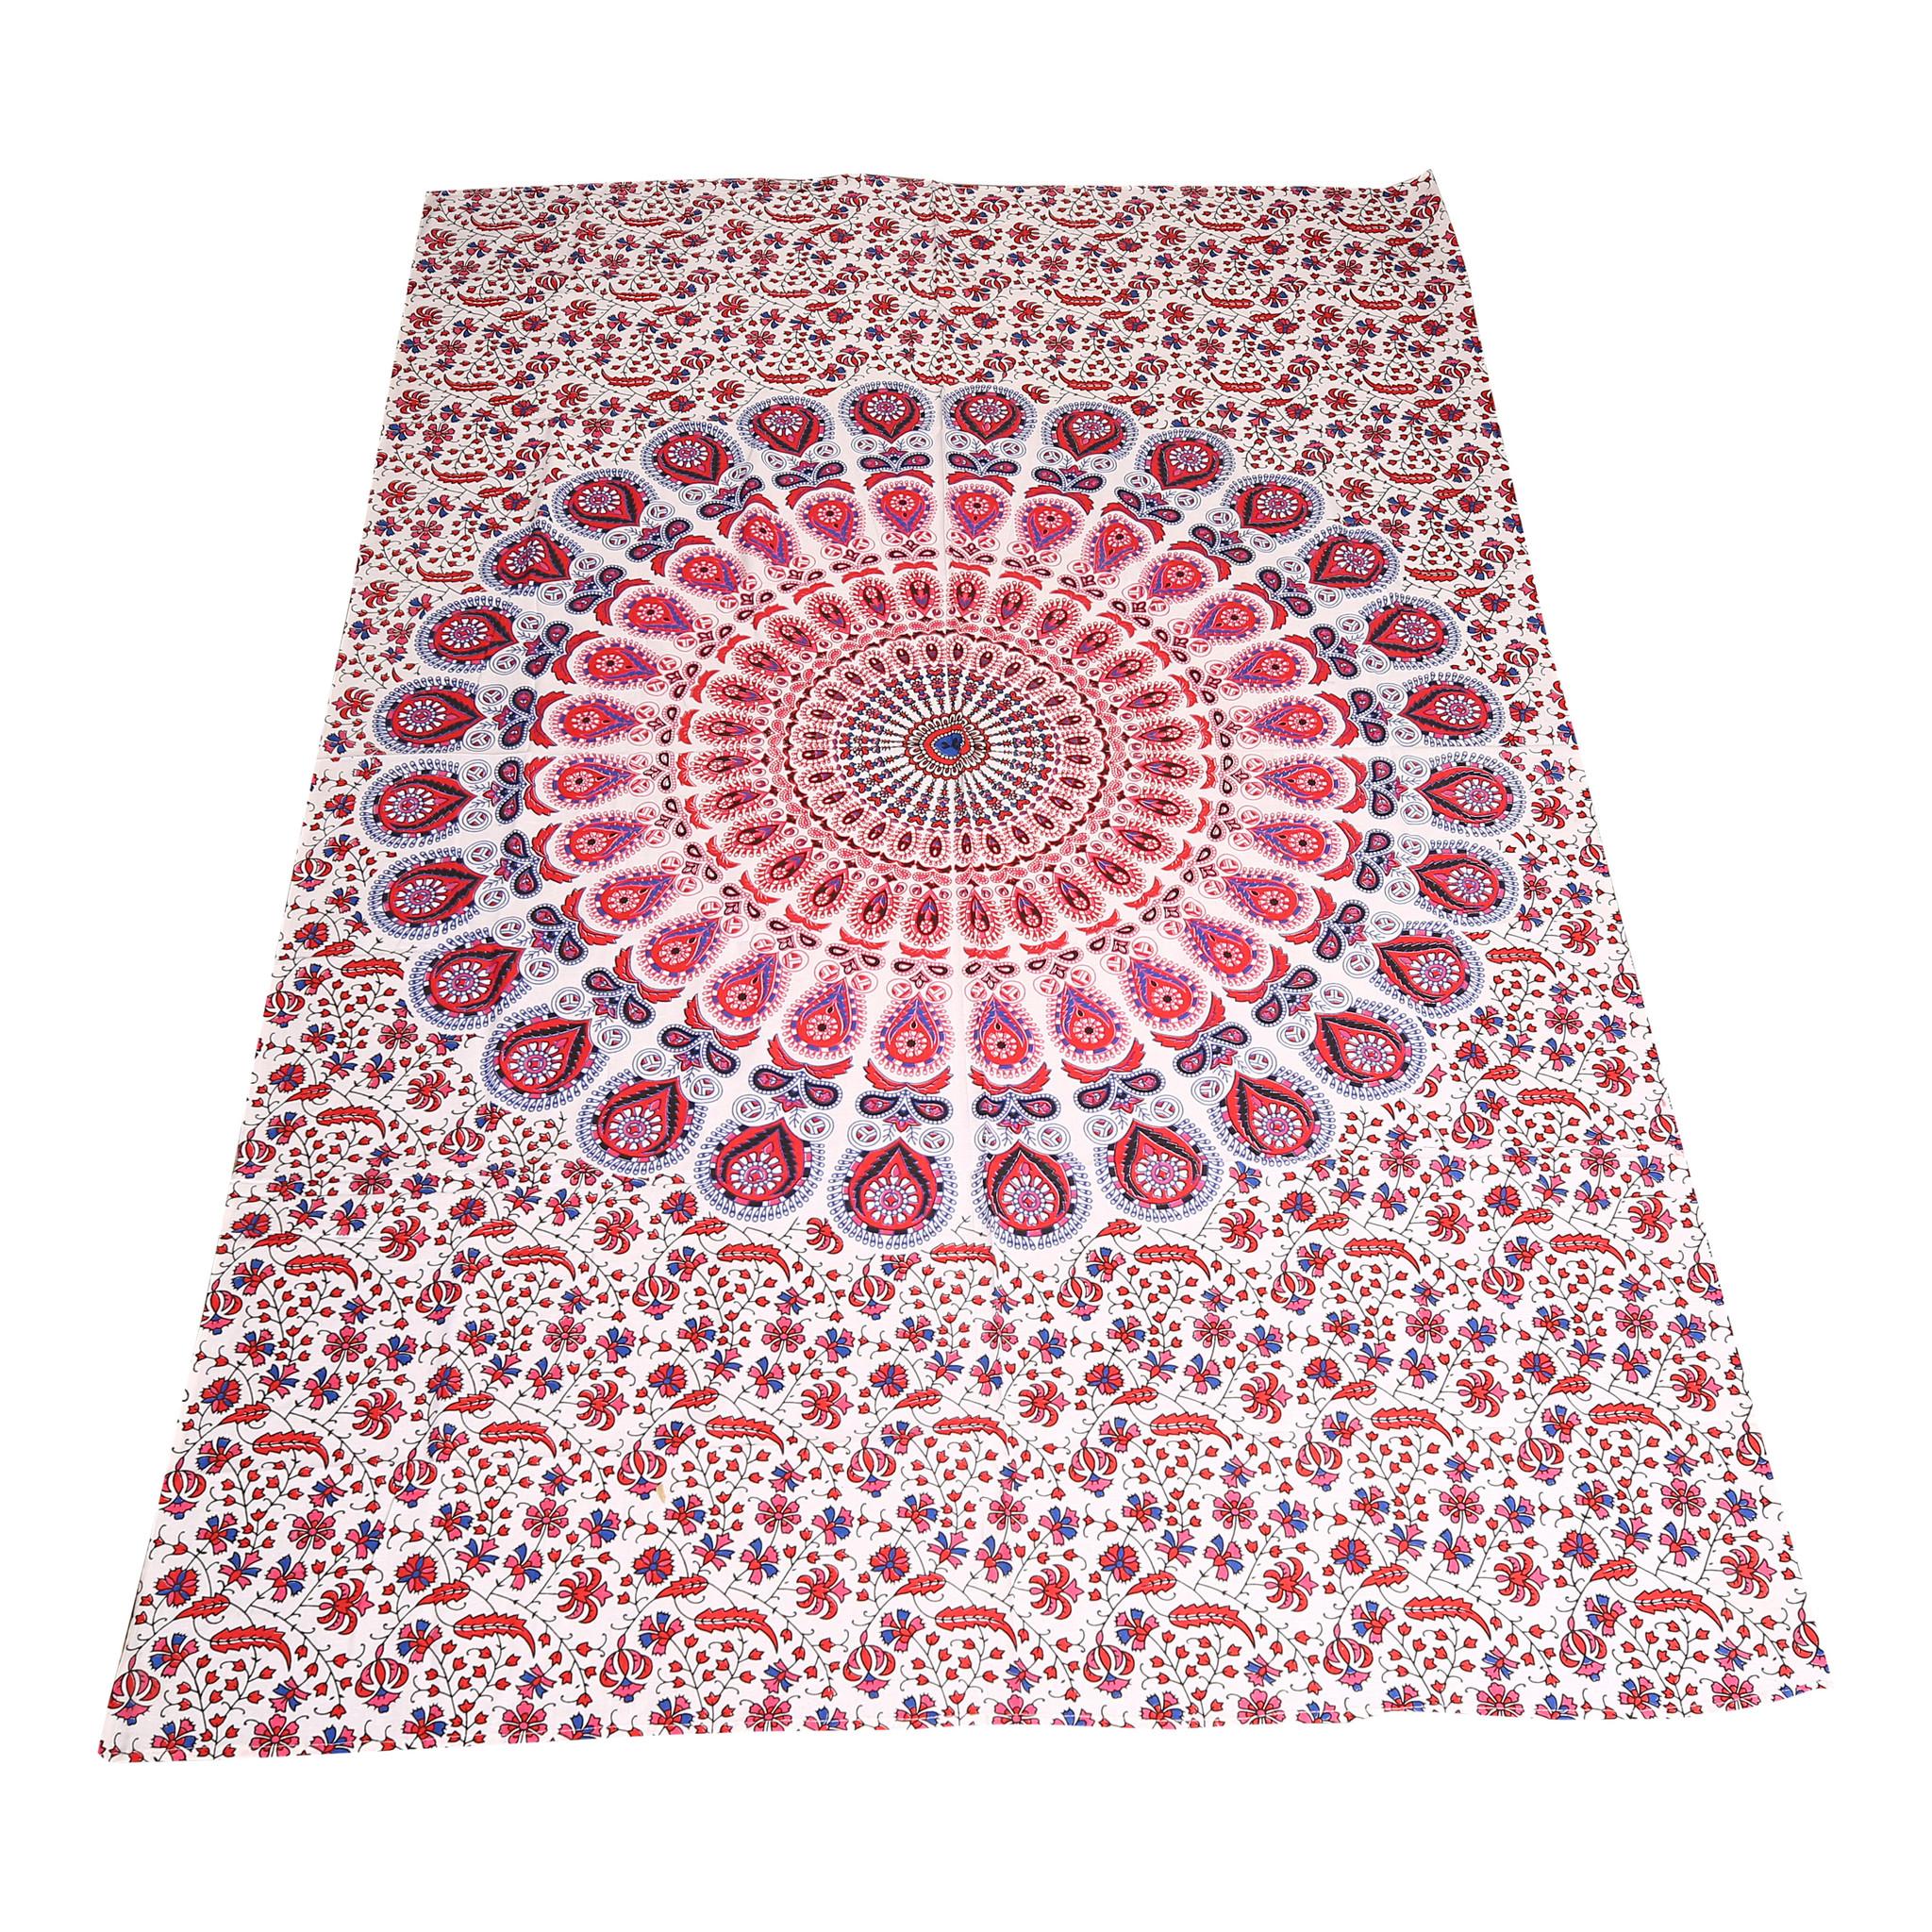 Myroundie Myroundie – roundie  - rechthoekig strandlaken – strandkleed - yoga kleed - picknickkleed - speelkleed - muurkleed - 100% katoen  - 140 x 210 cm - 806